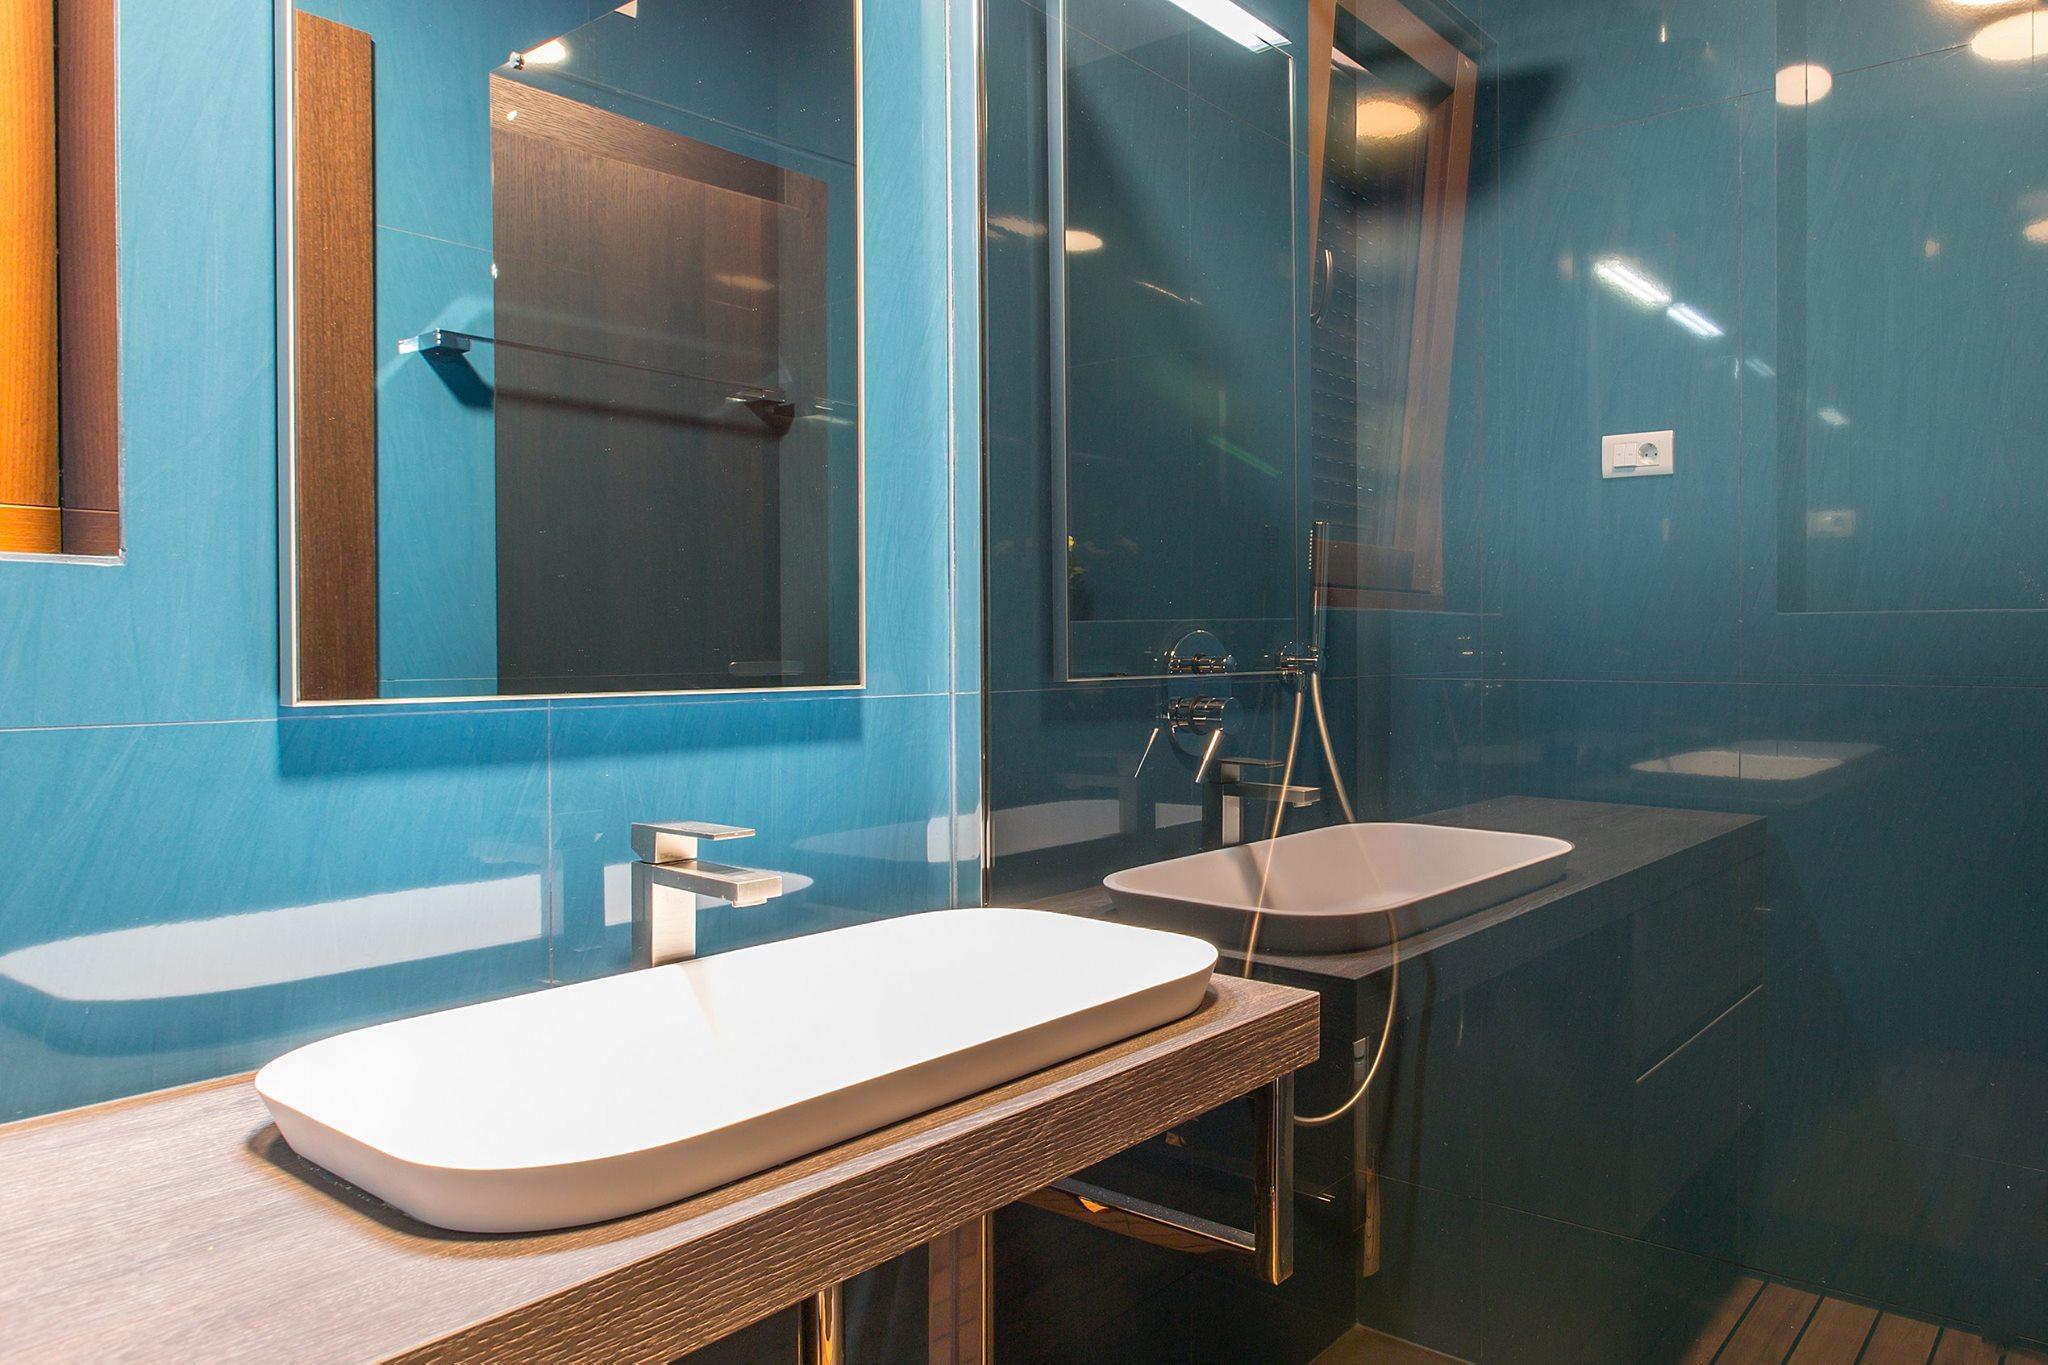 Pavimenti bagno azzurro: progetto ceramiche e arredo bagno fap sole